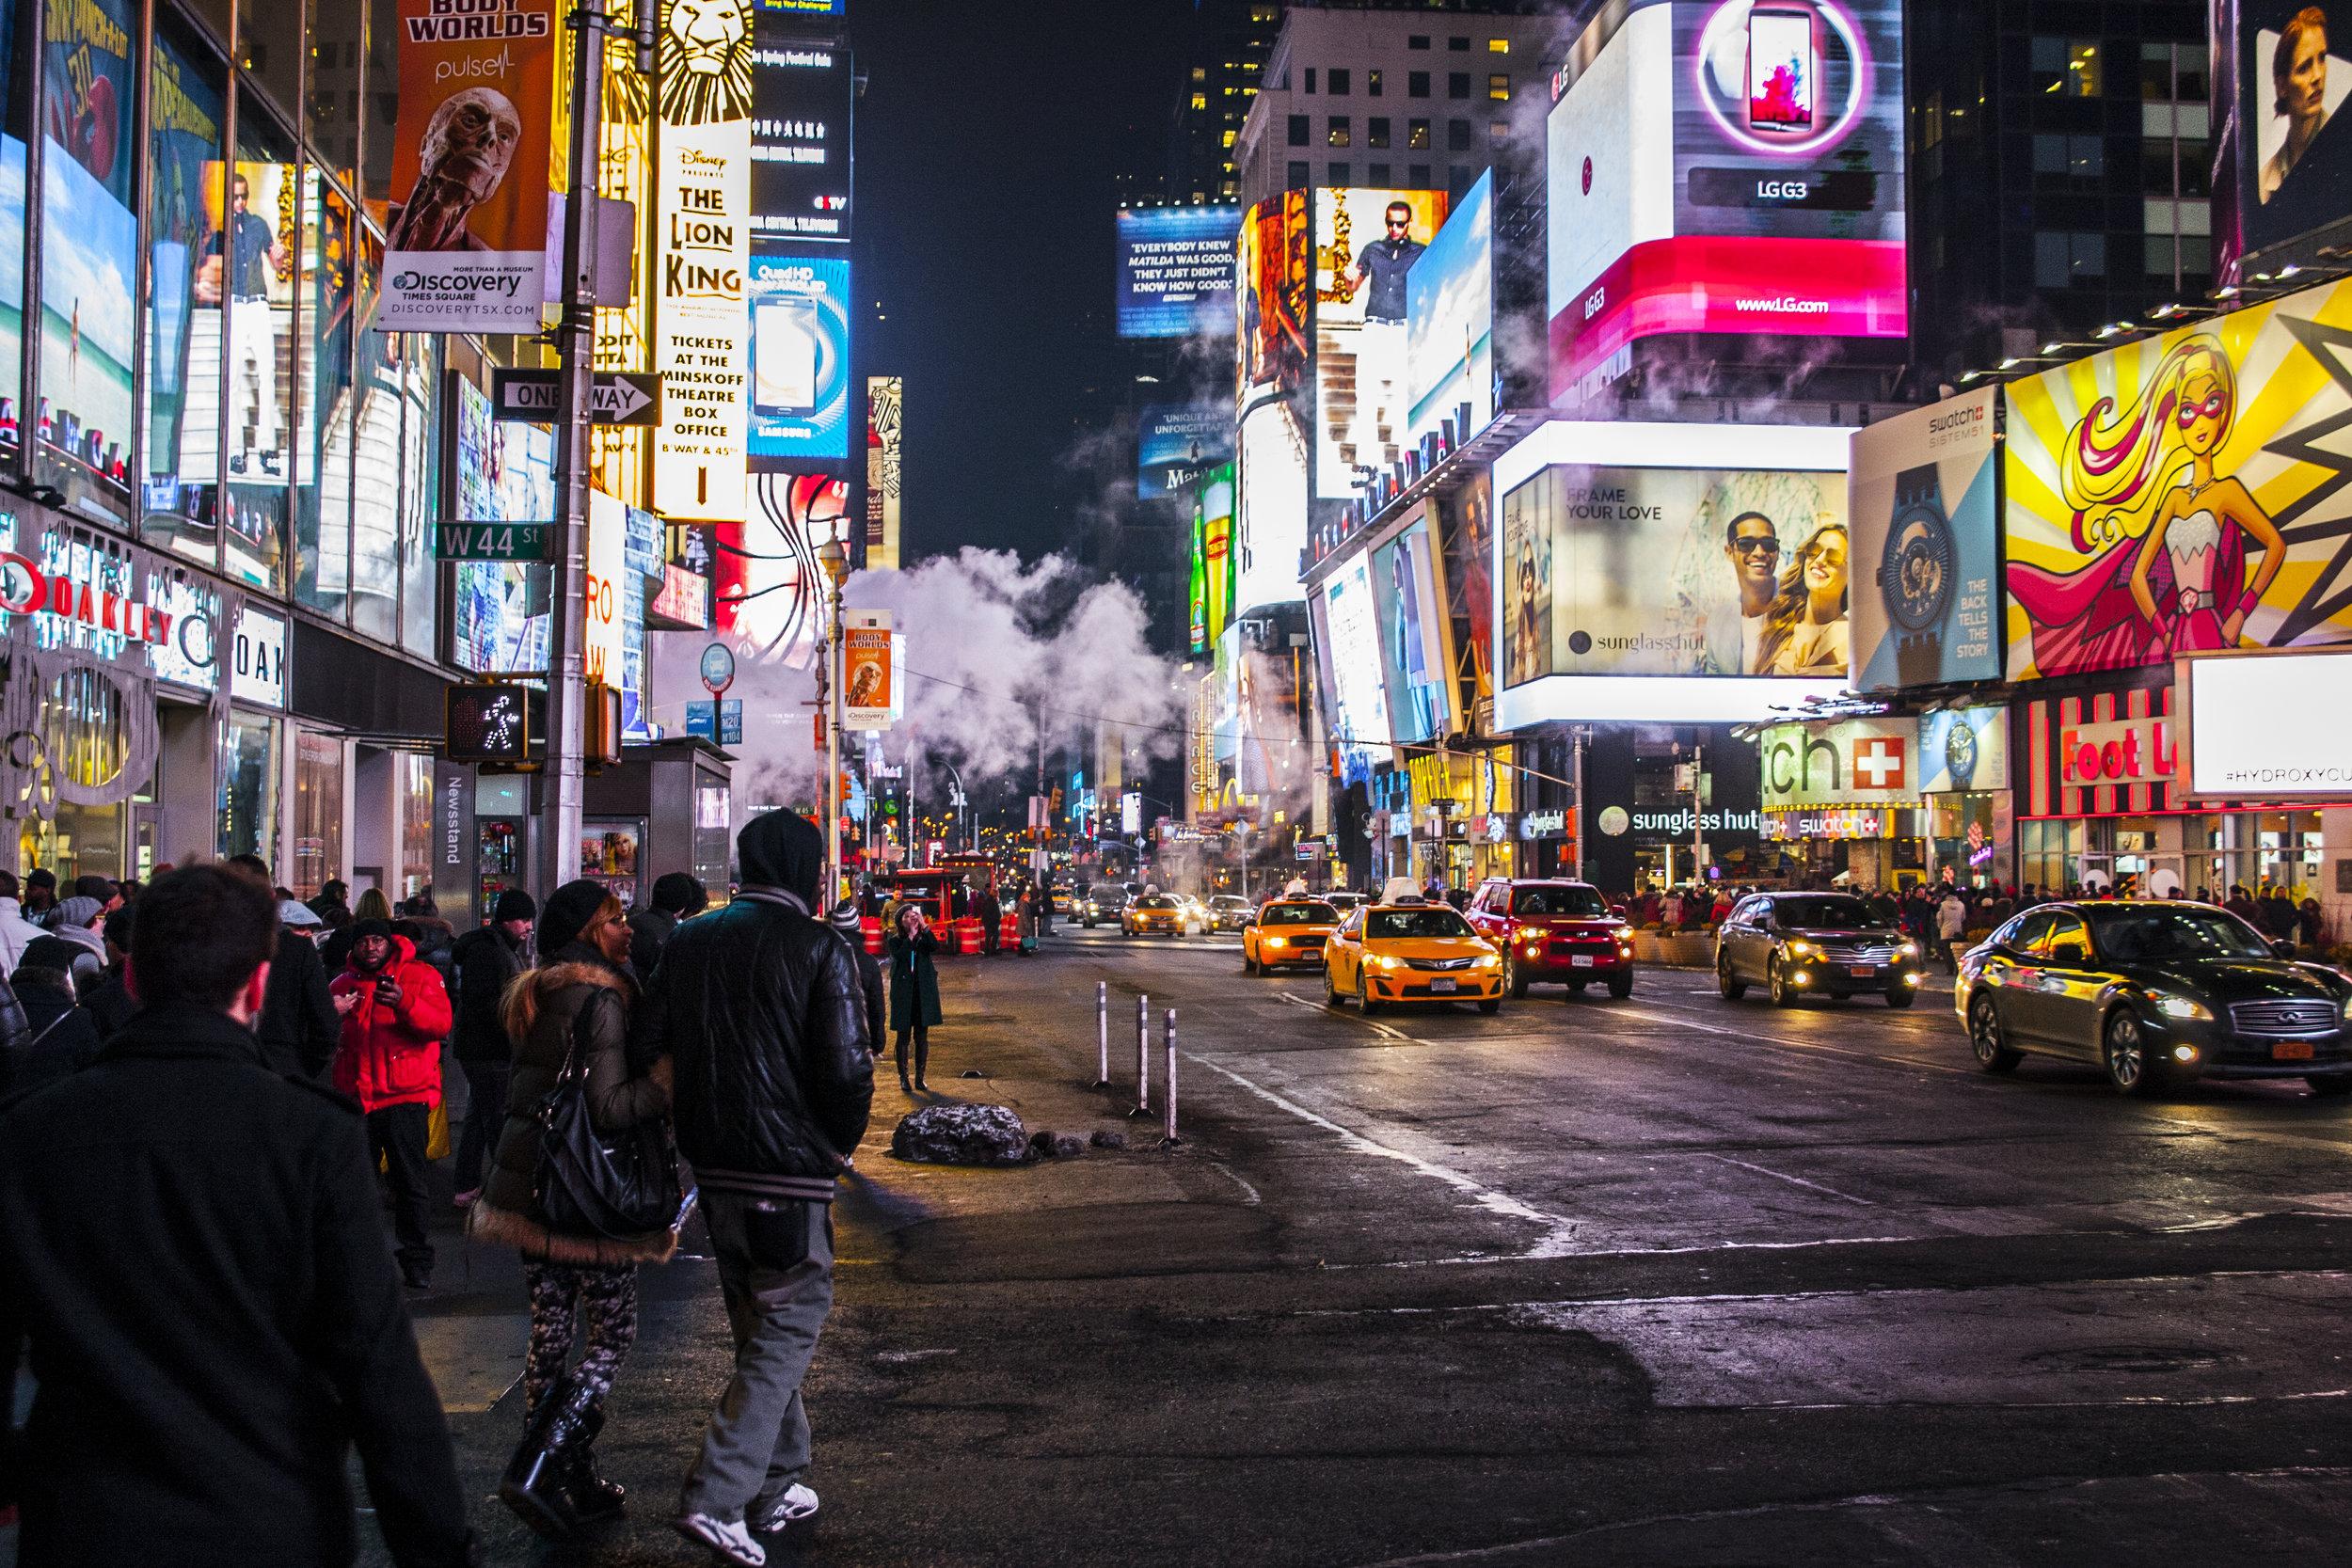 New York es más que una mole de cemento… - Es una ciudad con una fusión culinaria vibrante.